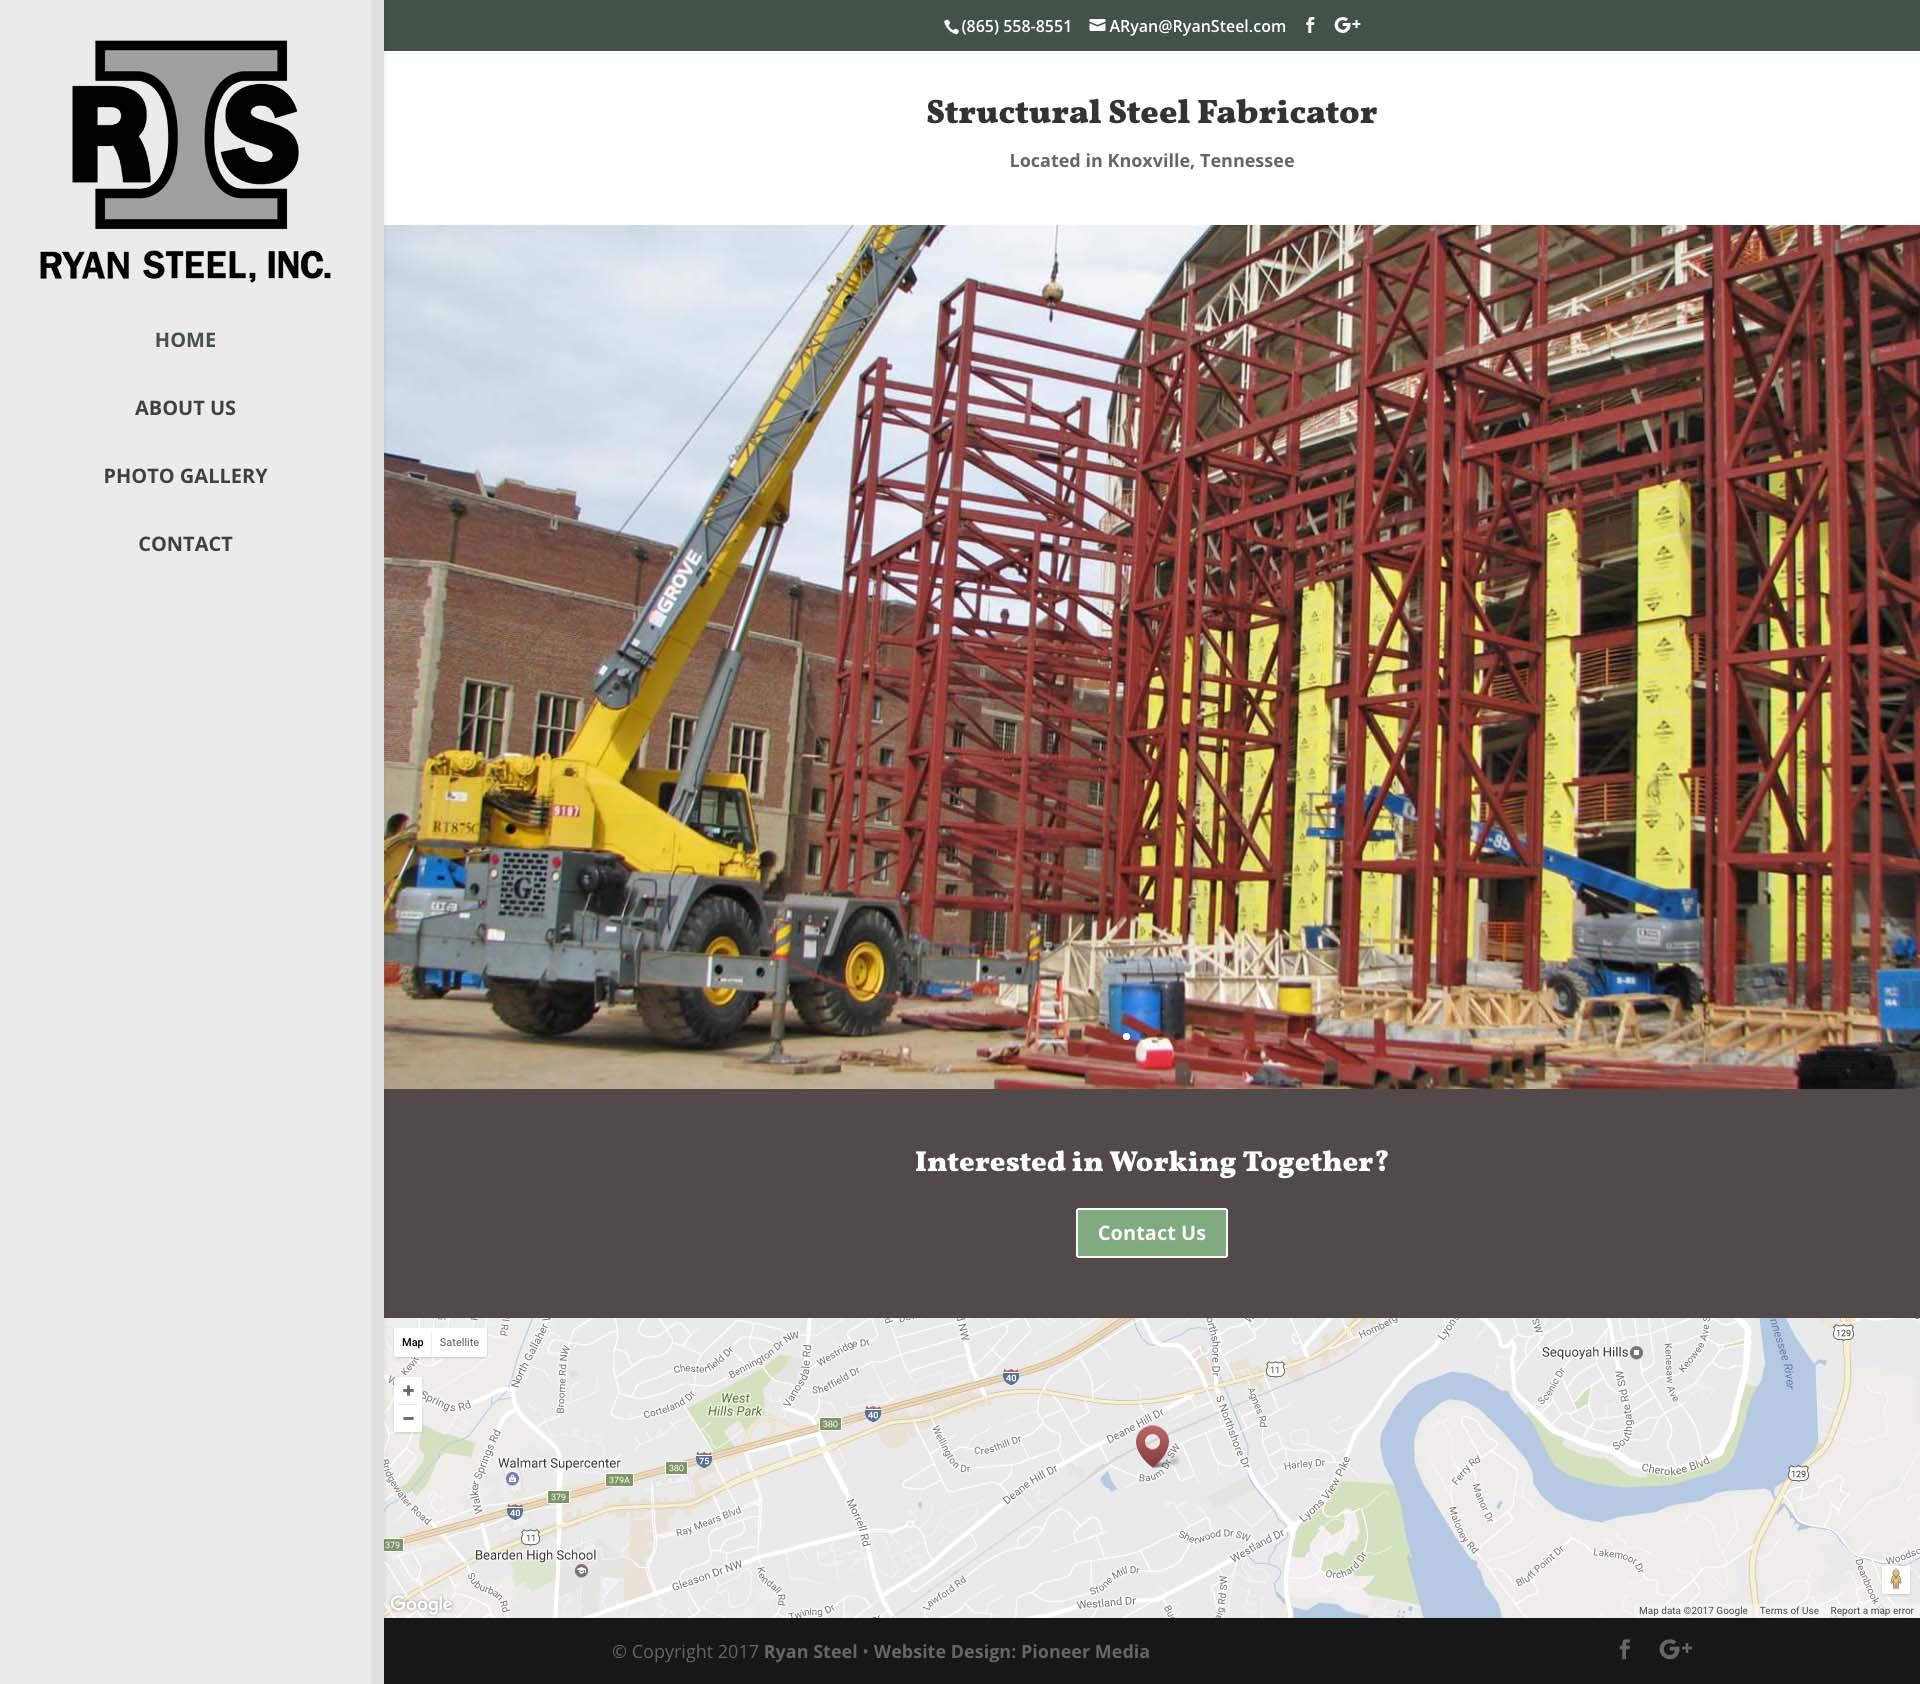 Ryan Steel Website Homepage Screenshot